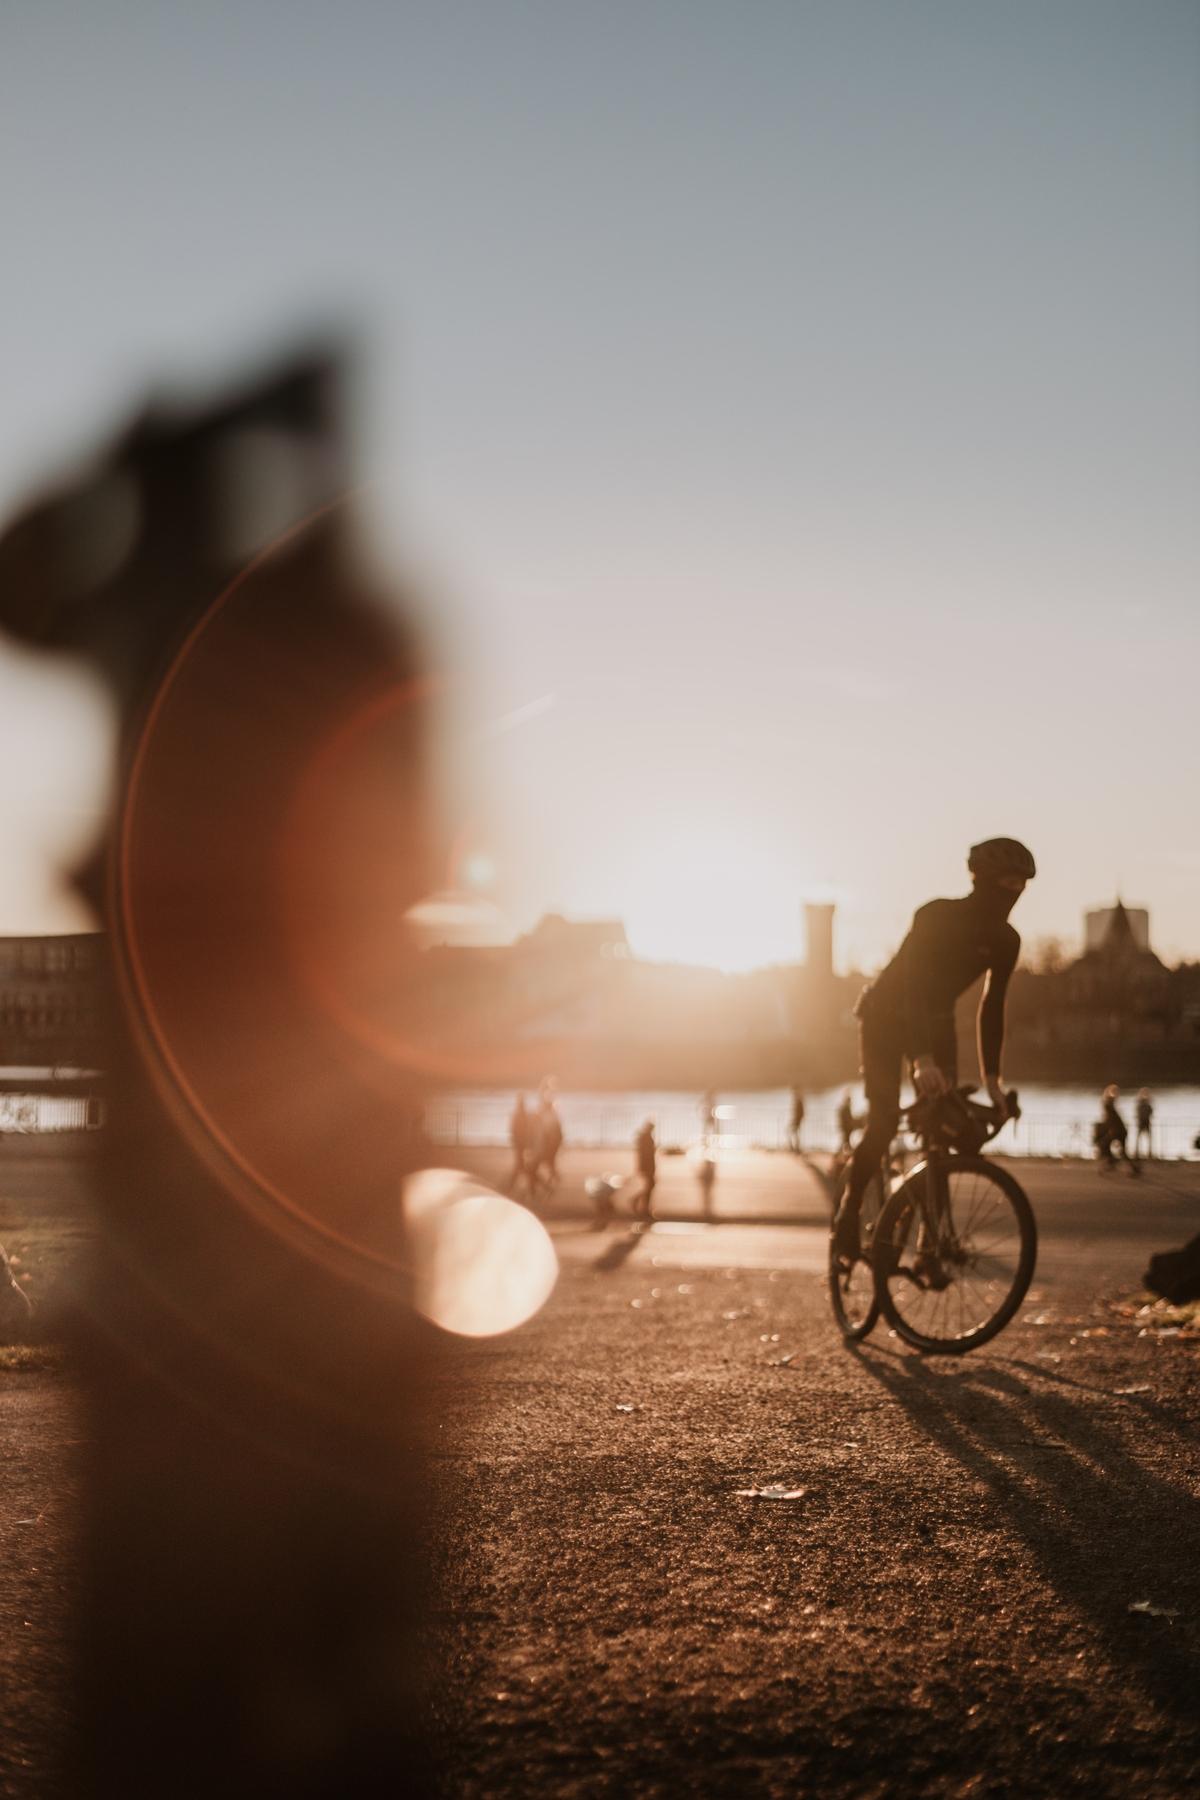 Köln lässt sich super mit dem Fahrrad erkunden